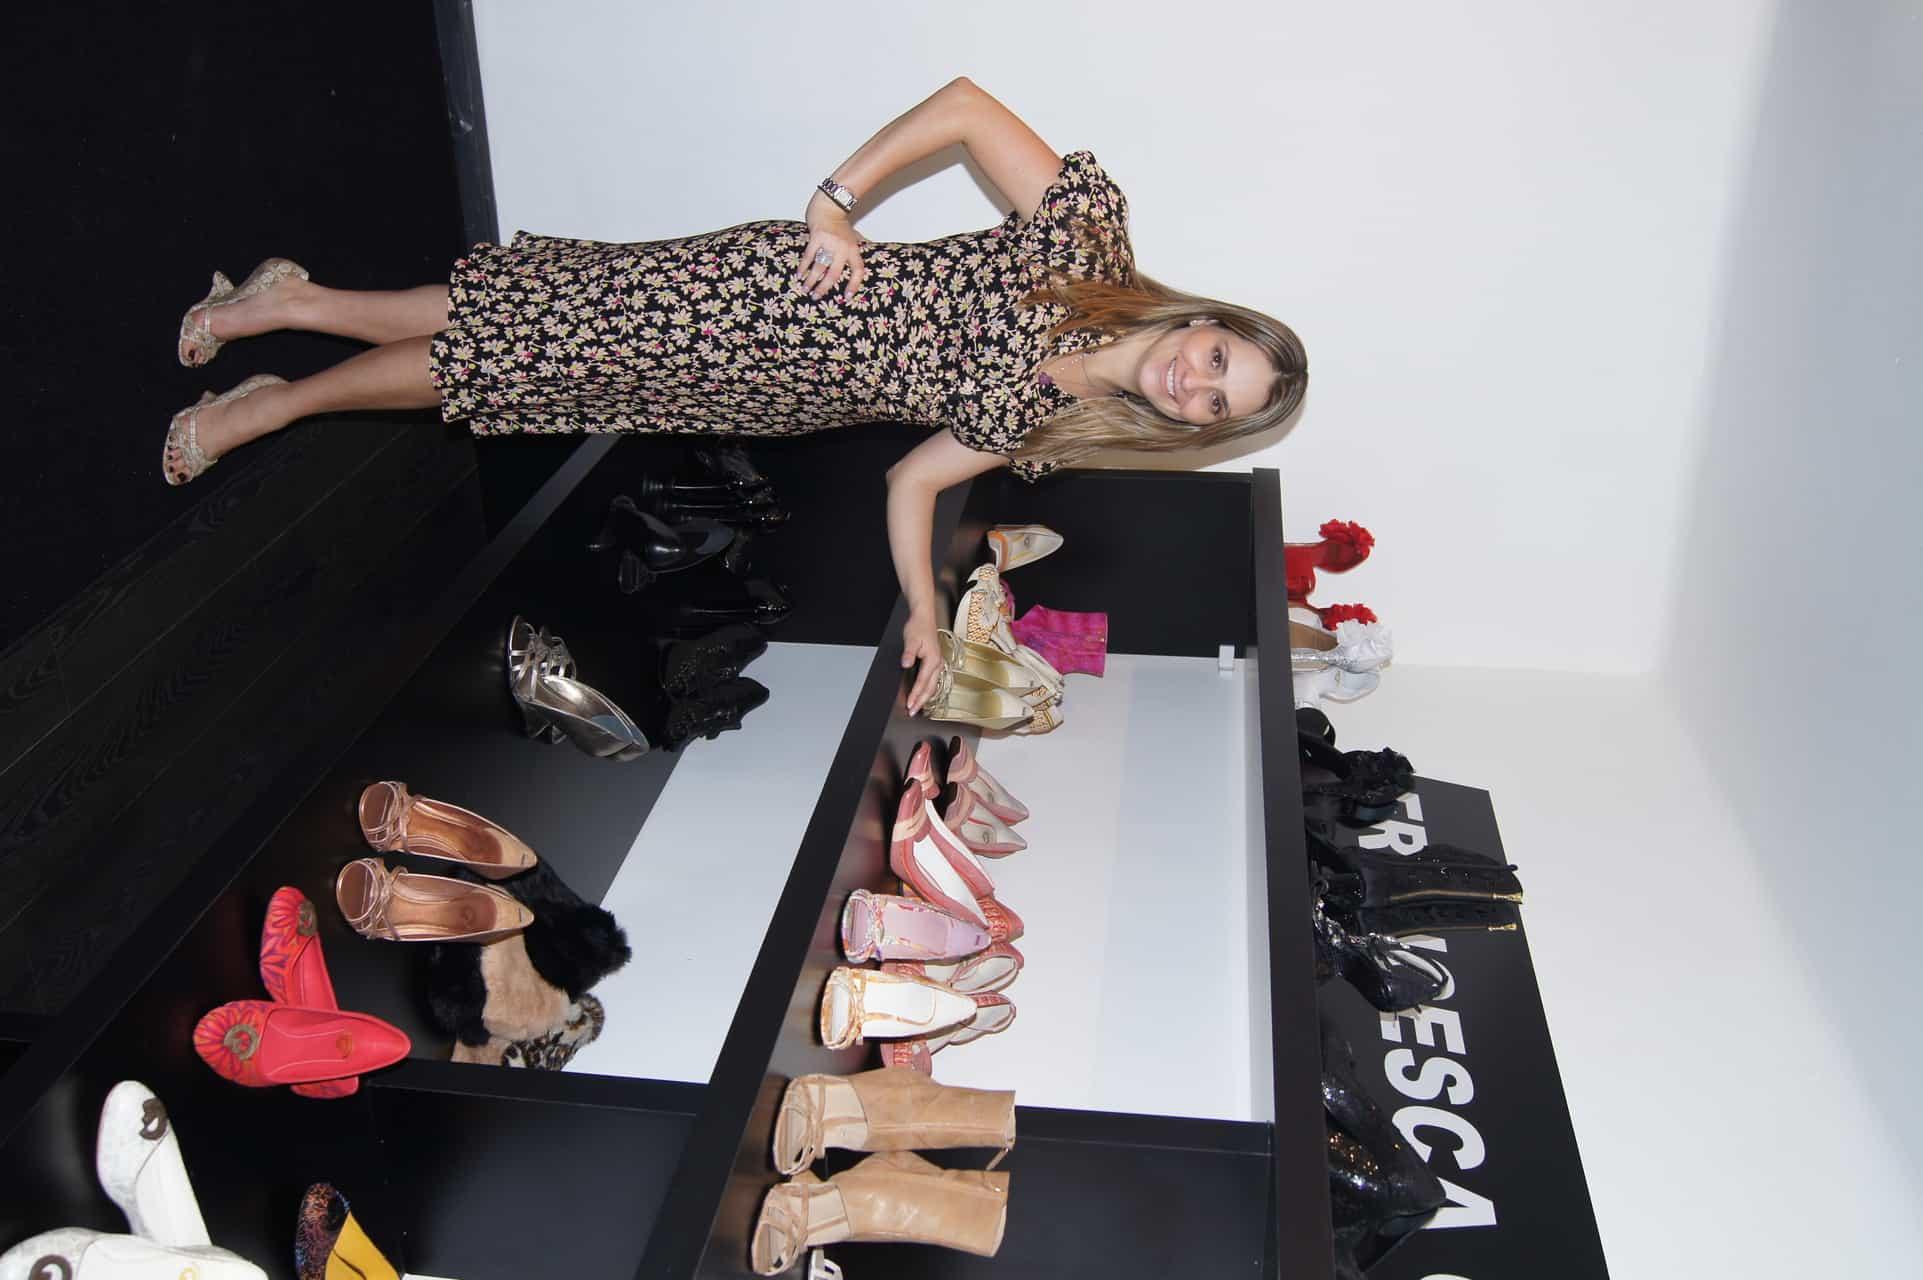 d47a886c82 Hoje eu me senti a própria Carrie Bradshaw…fui visitar o Atleliê da  designer de sapatos Francesca Giobbi e quase enlouqueci (mais uma vez)!!